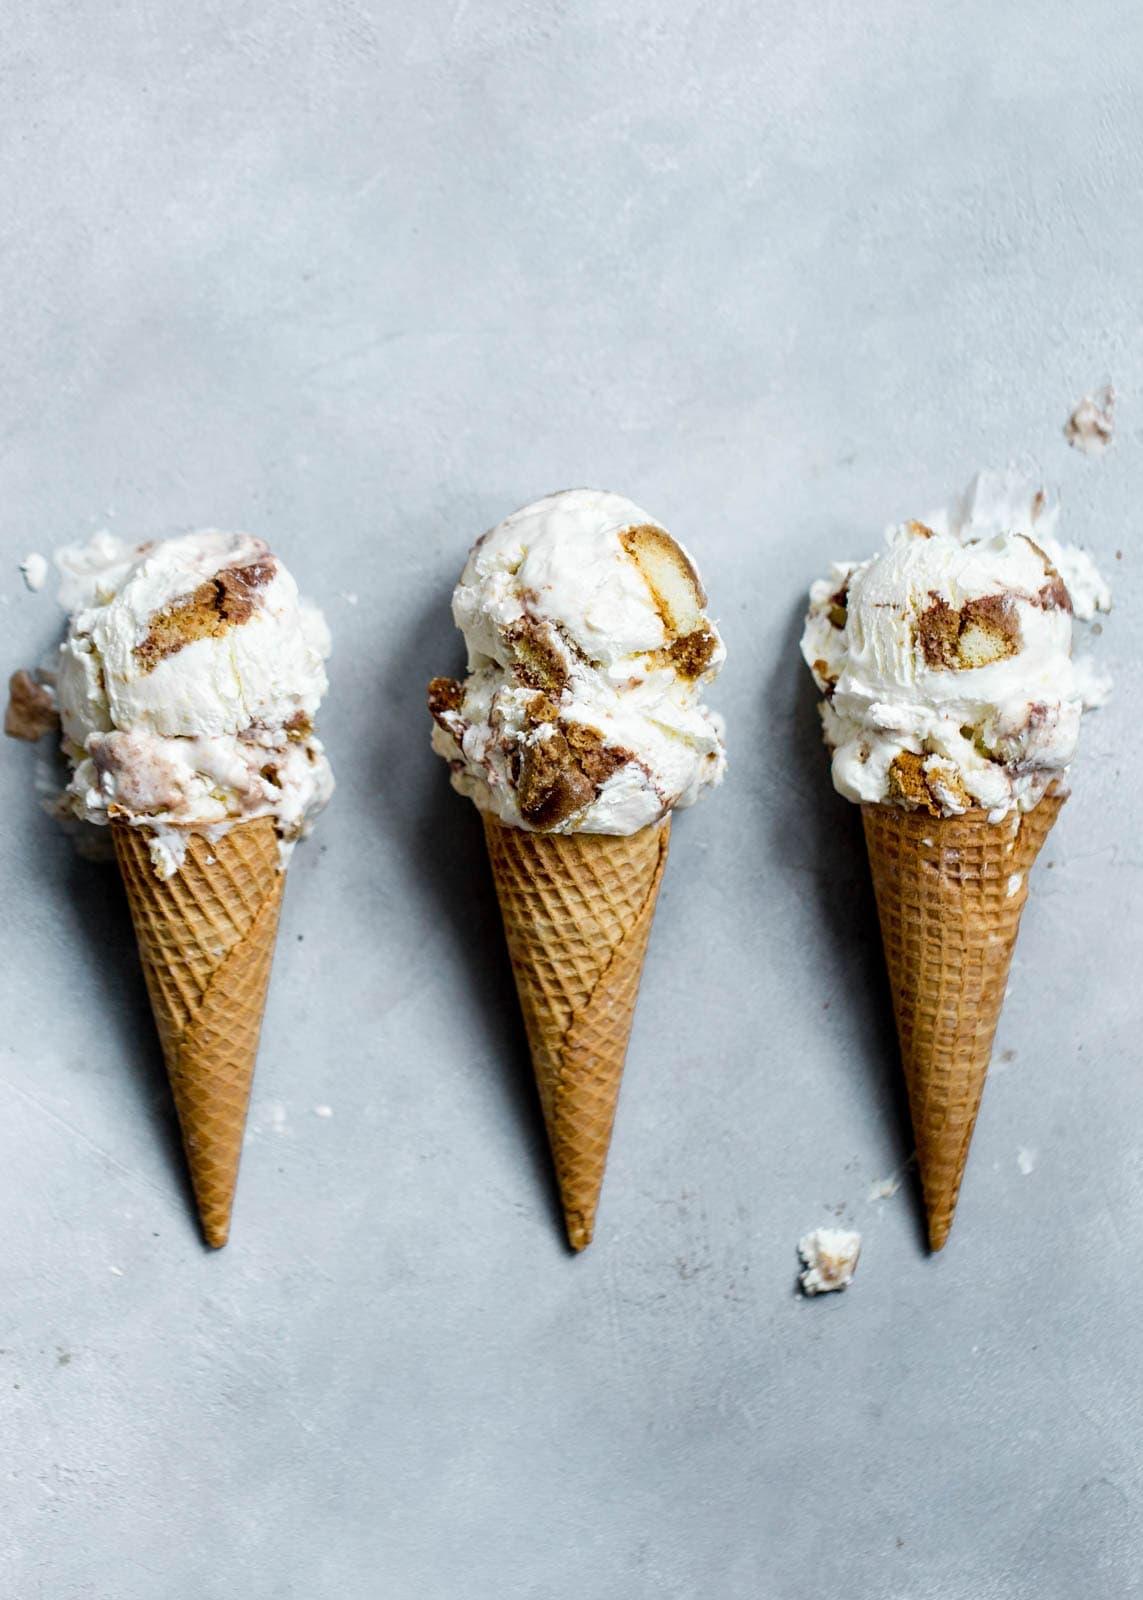 Tiramisu Ice Cream in cones